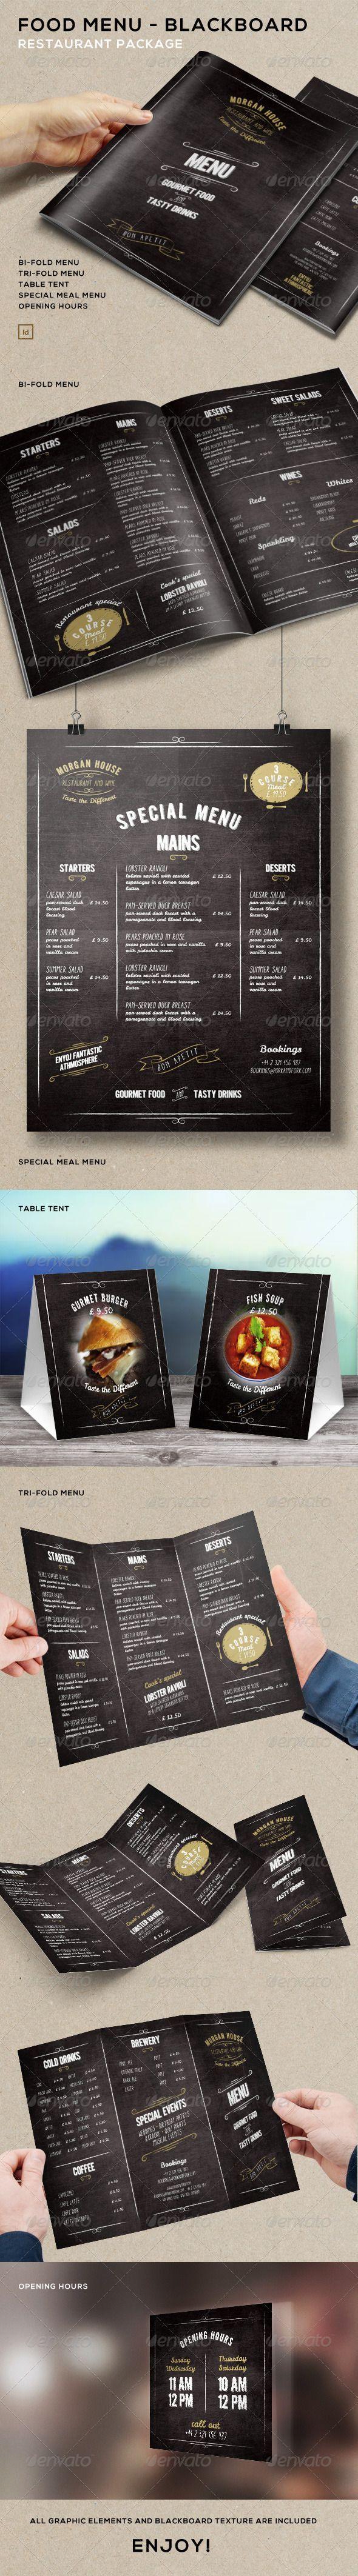 Food Menu - BlackBoard Restaurant Package:                                                                                                                                                      More